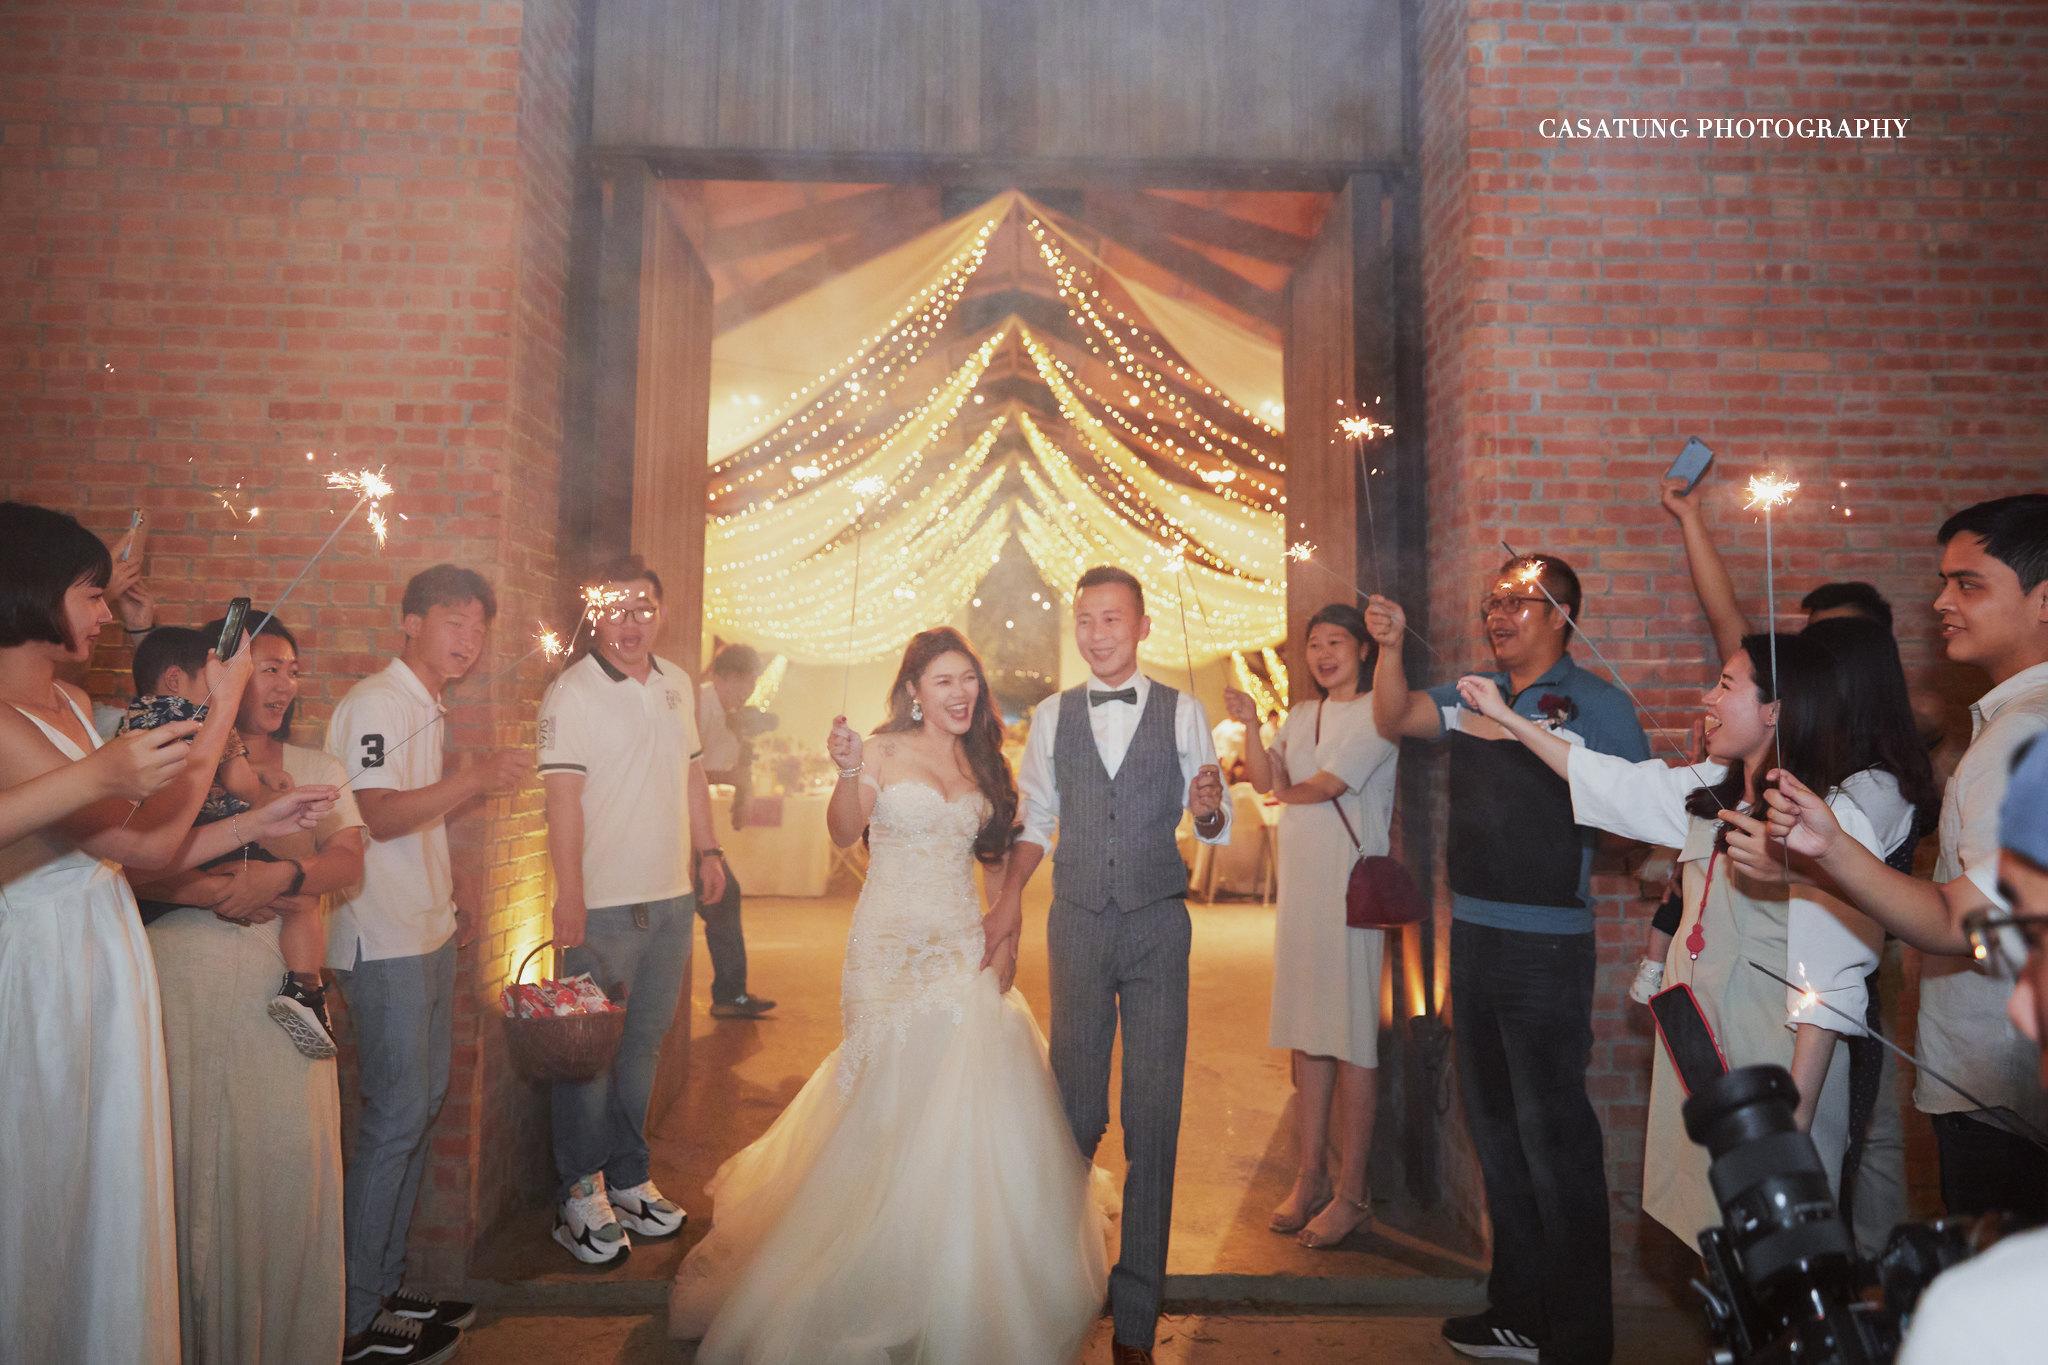 顏氏牧場婚禮,台中婚攝casa,旋轉木馬-168